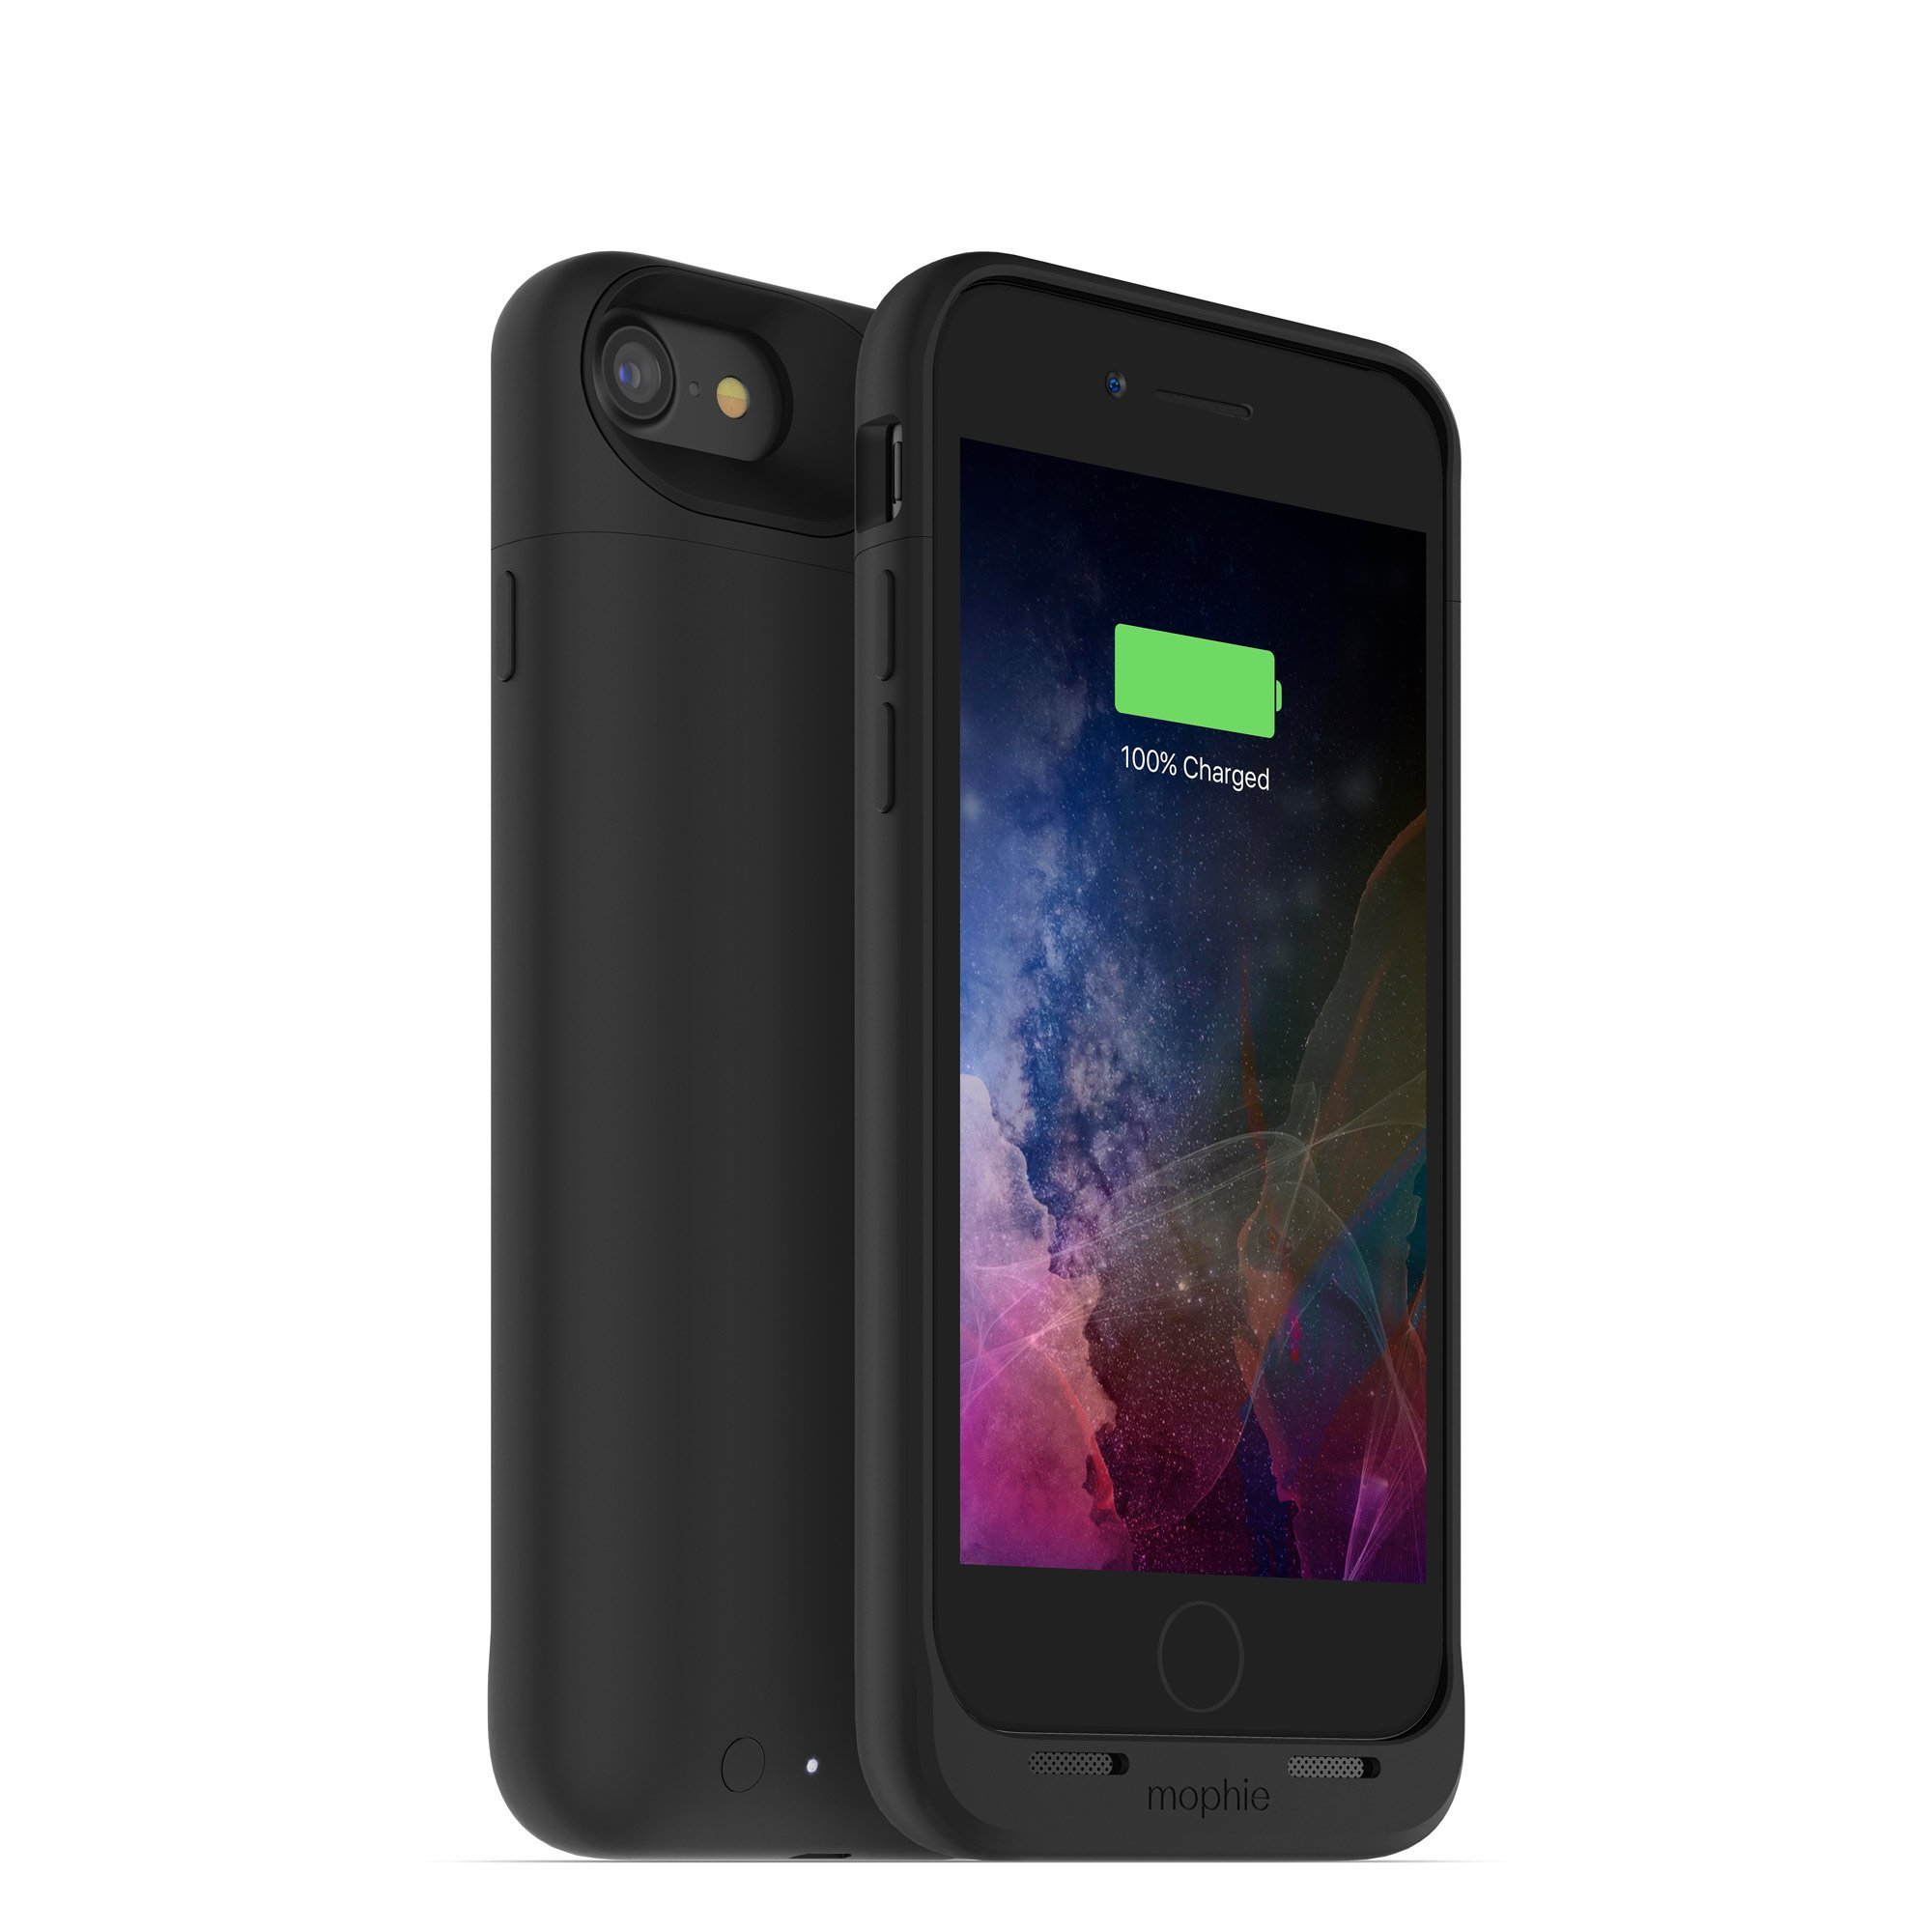 Mophie juice pack air iPhone 7 Battery Case Black - 2525 mAh - Renewed